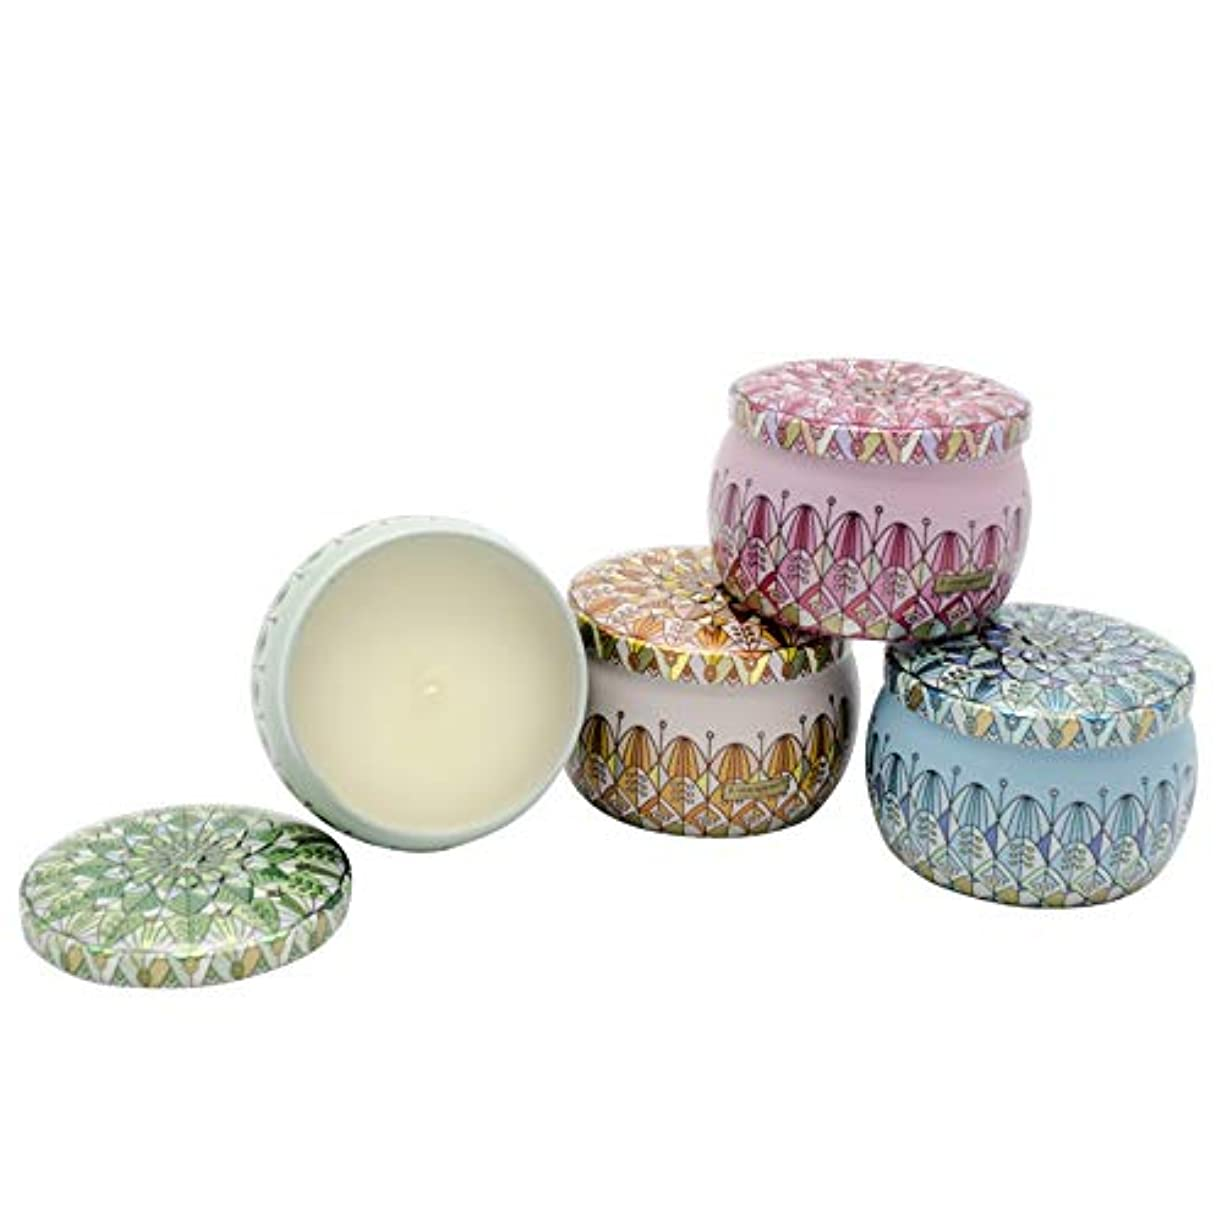 しない天文学可塑性ティンキャンドル ジオメトリ柄缶 4本セット アロマキャンドル バニラ&琥珀 シーウィンド&ブロッサム ホワイトアジサイ オレンジブロッサム